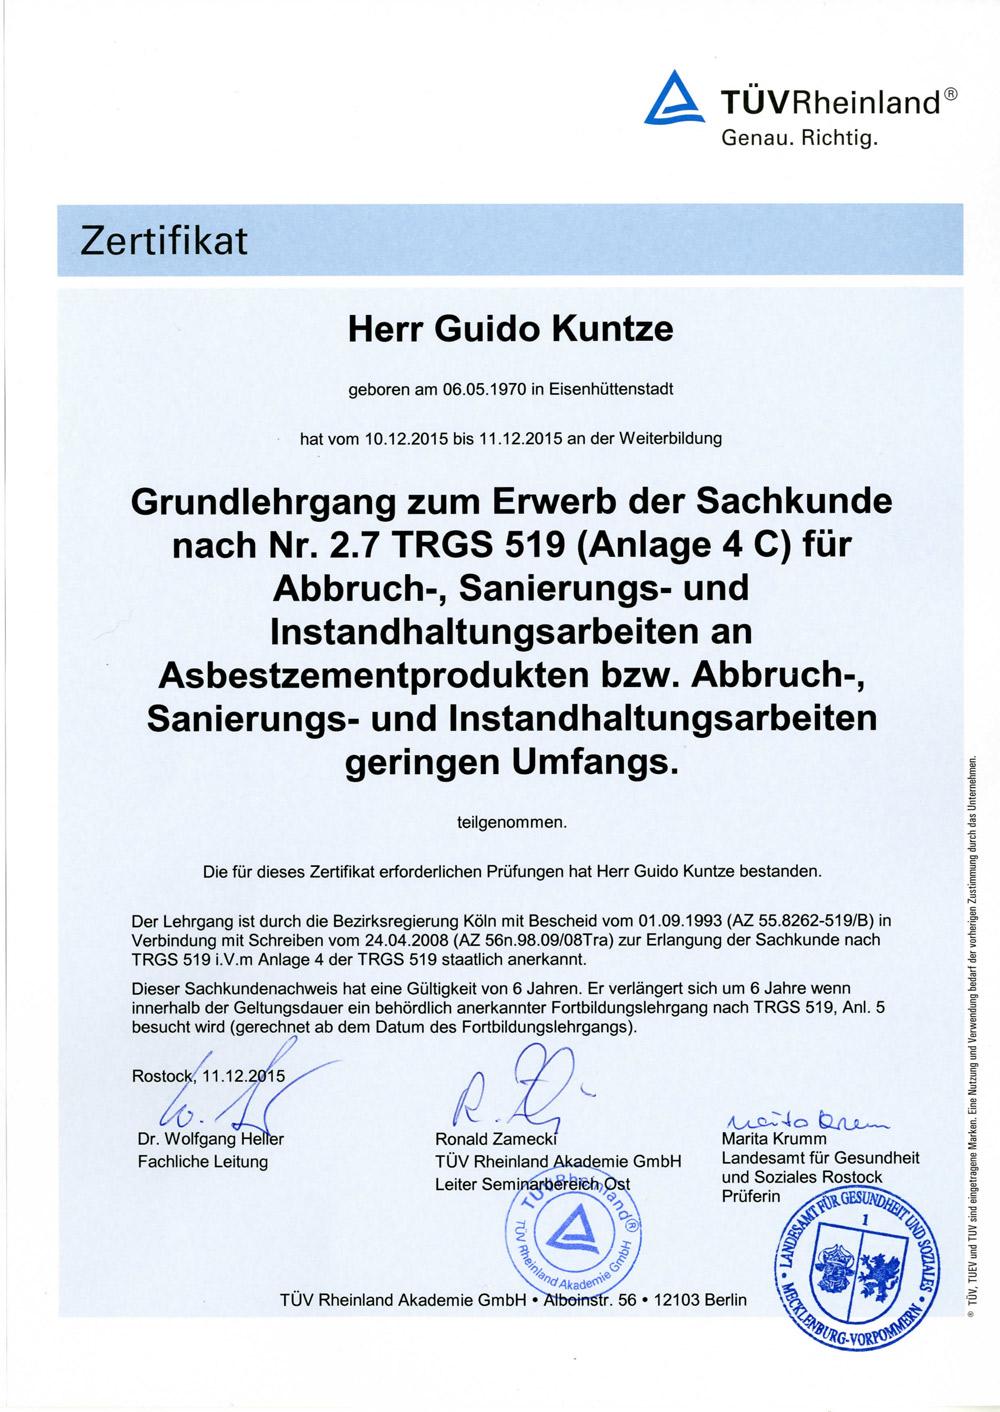 Asbestbodensanierung Zertifikat TÜV Rheinland von der Firma Ewering.